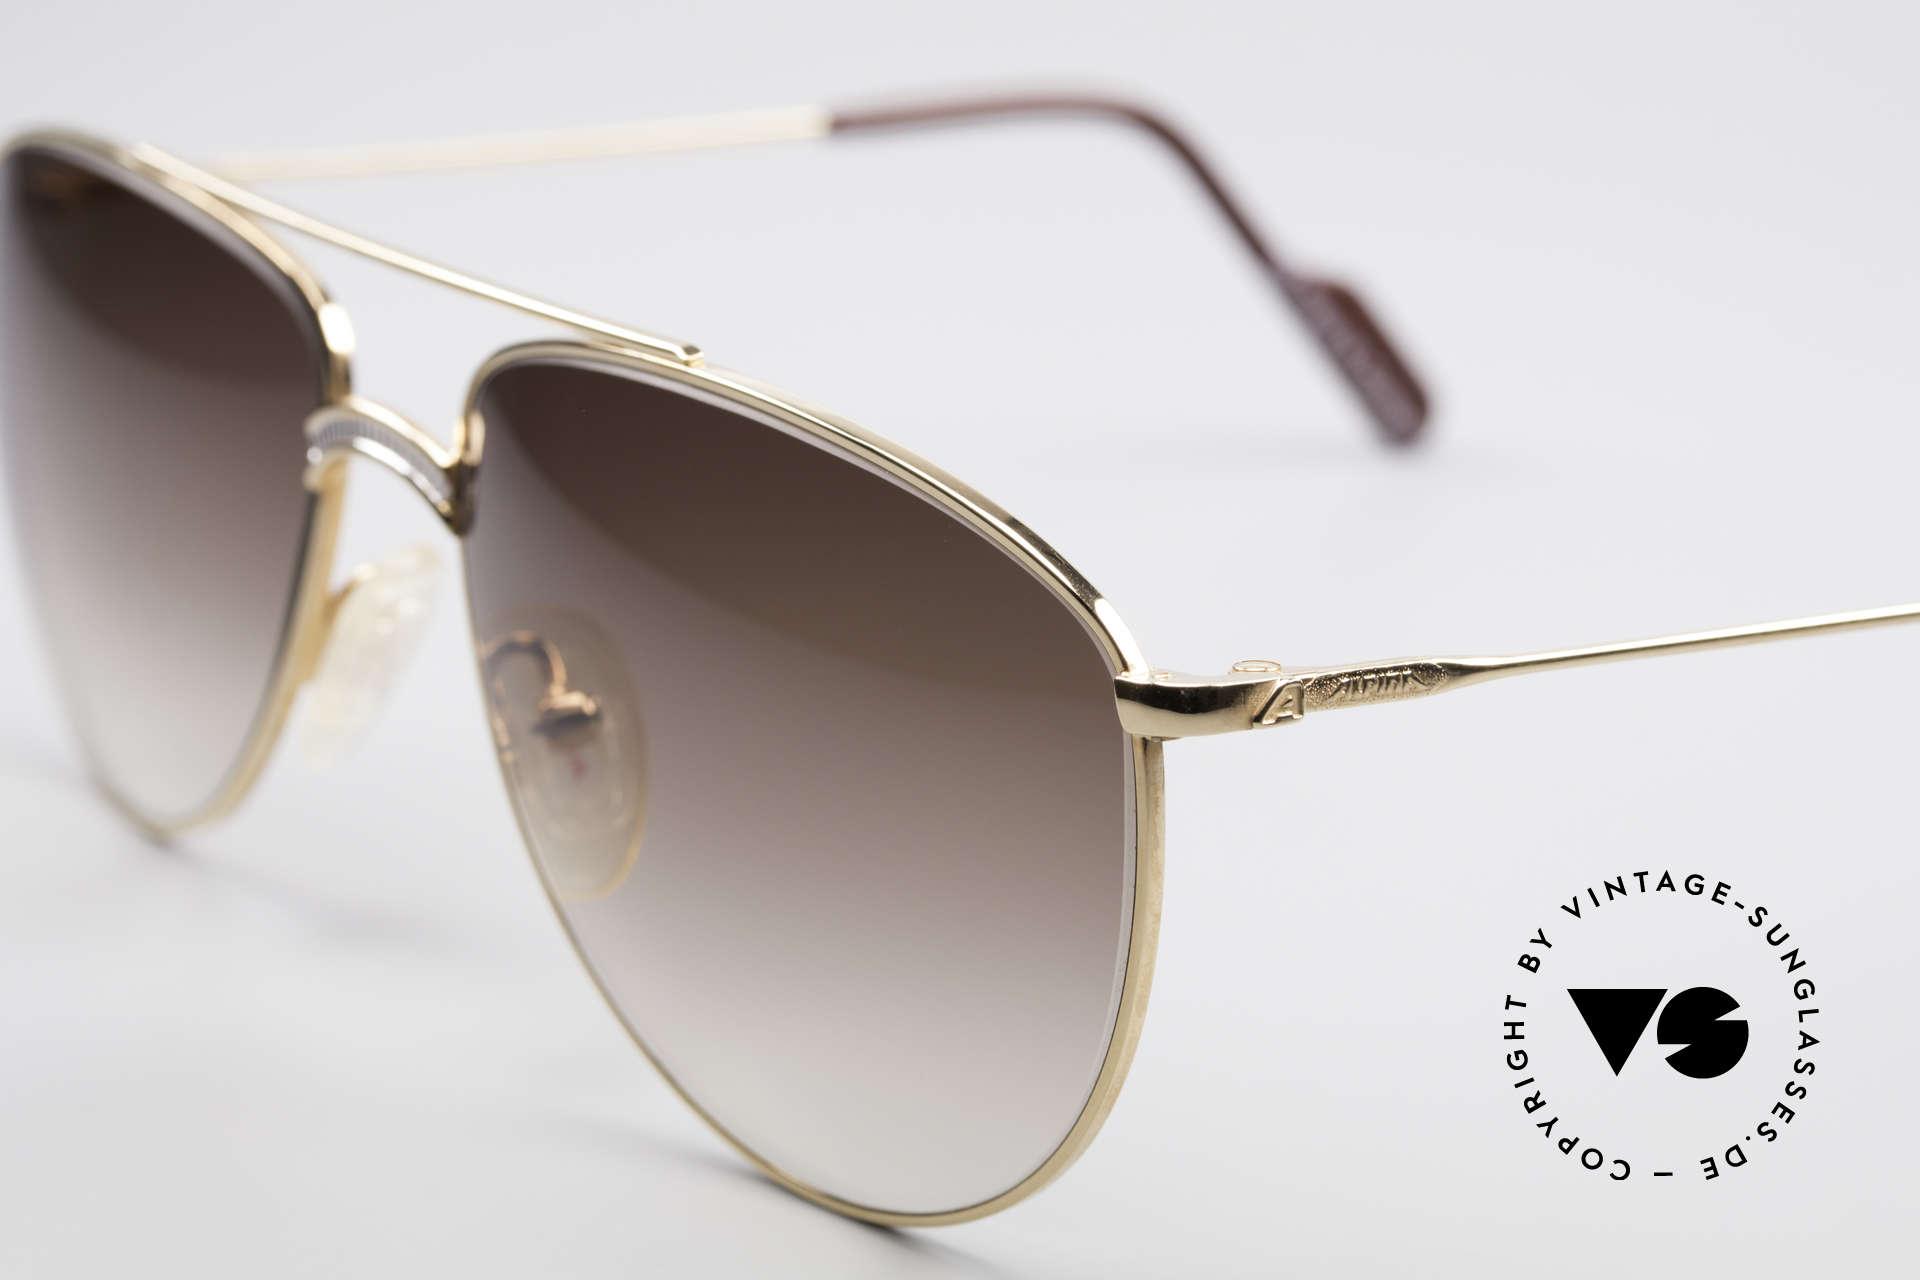 Alpina FM81 West Germany Vintage Brille, ungetragenes Einzelstück aus dem Jahre 1987/1988, Passend für Herren